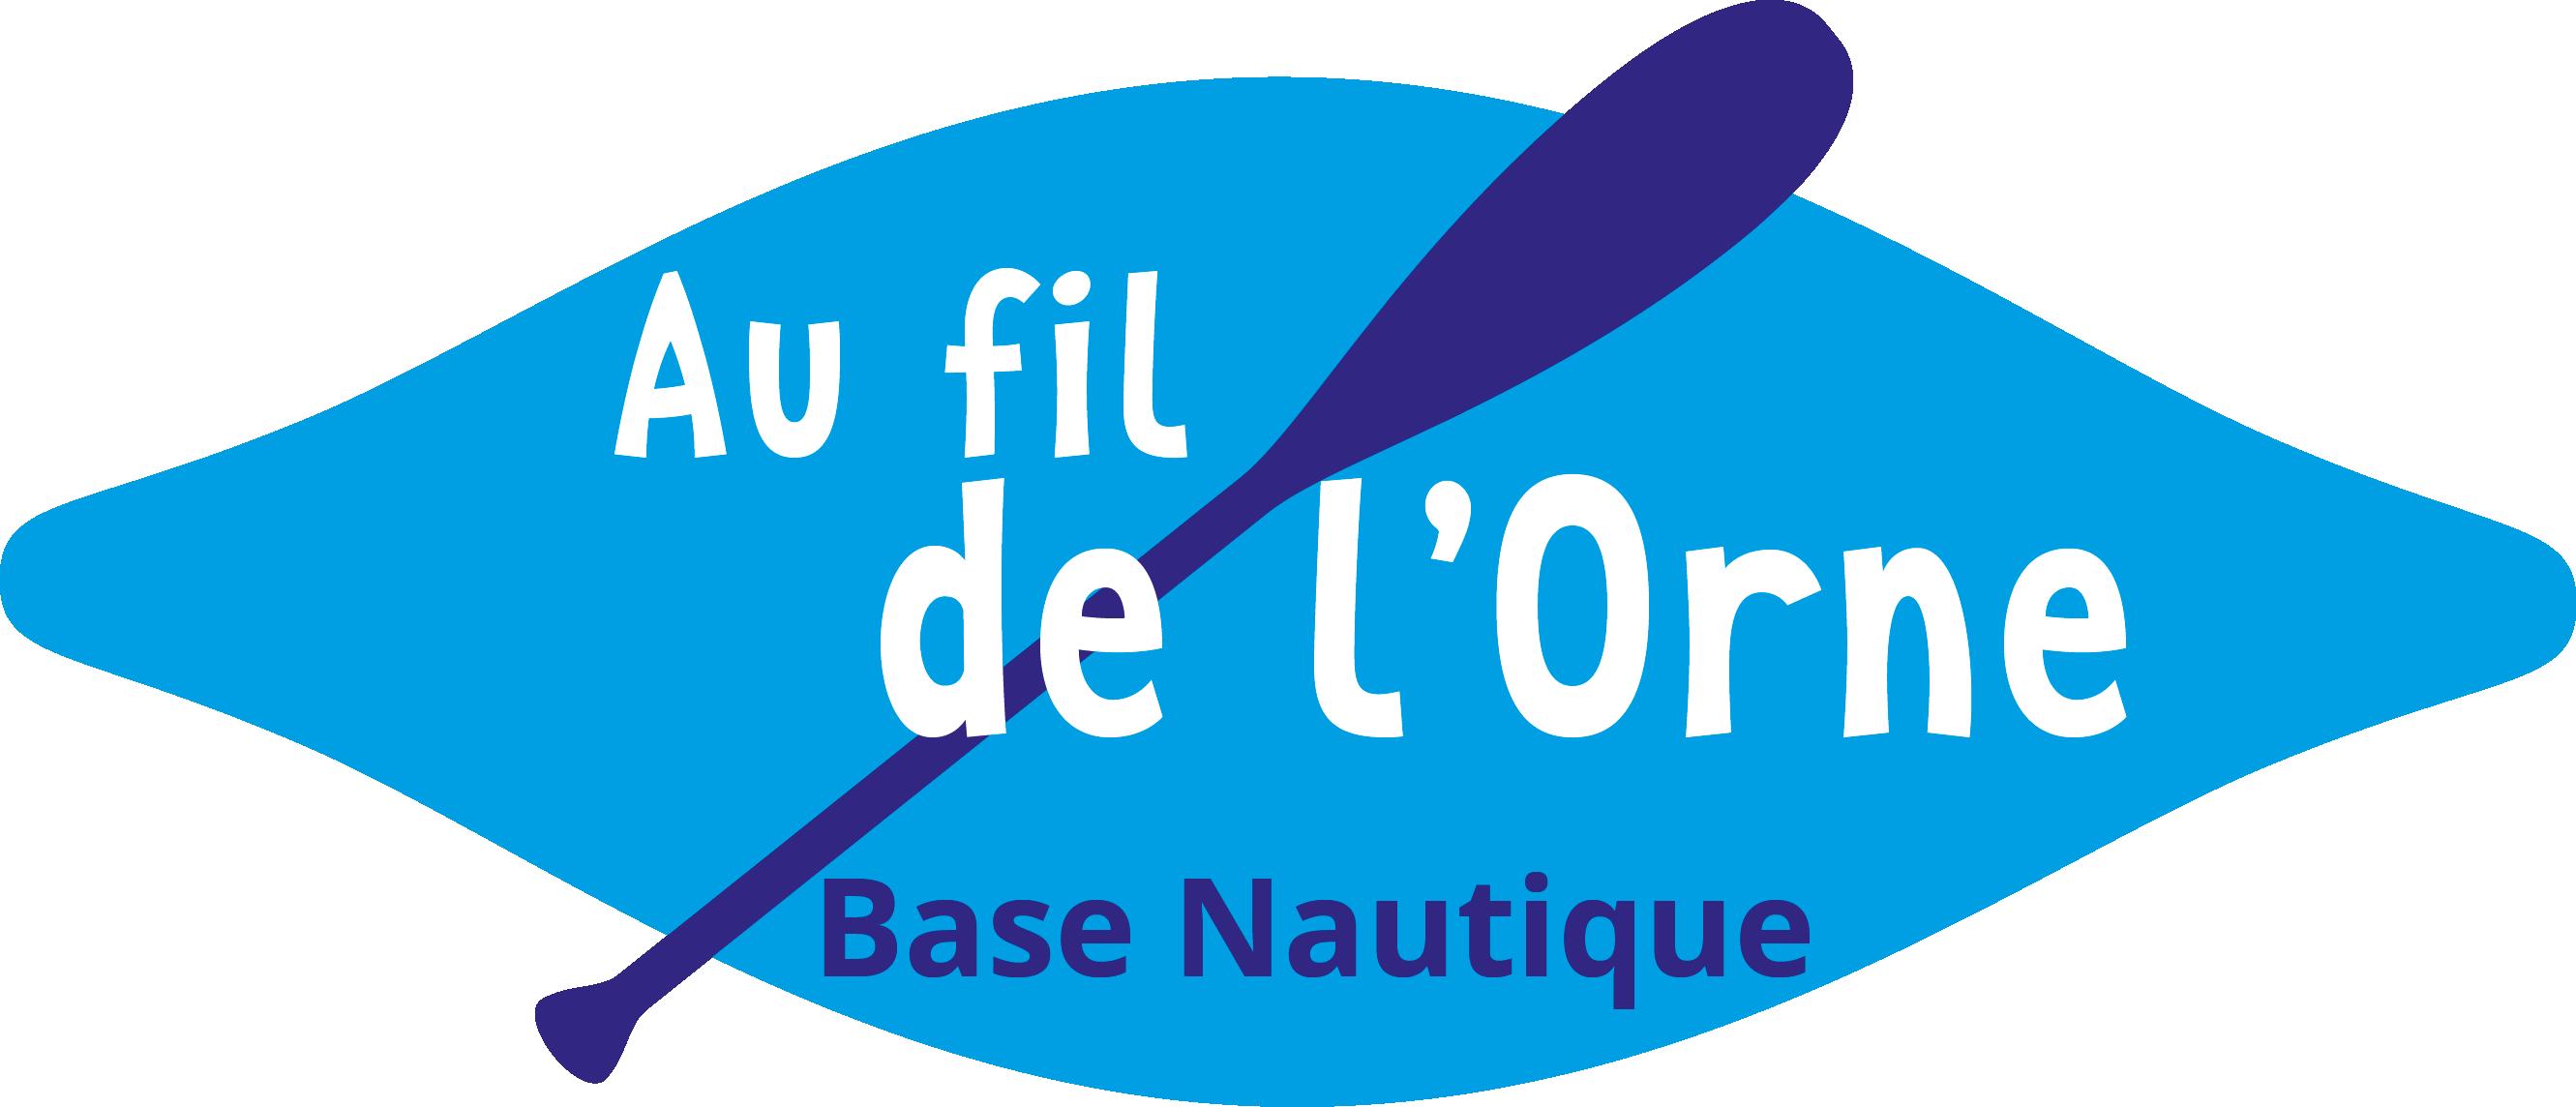 logo-au fil de l'Orne-base nautique-caen-normandie